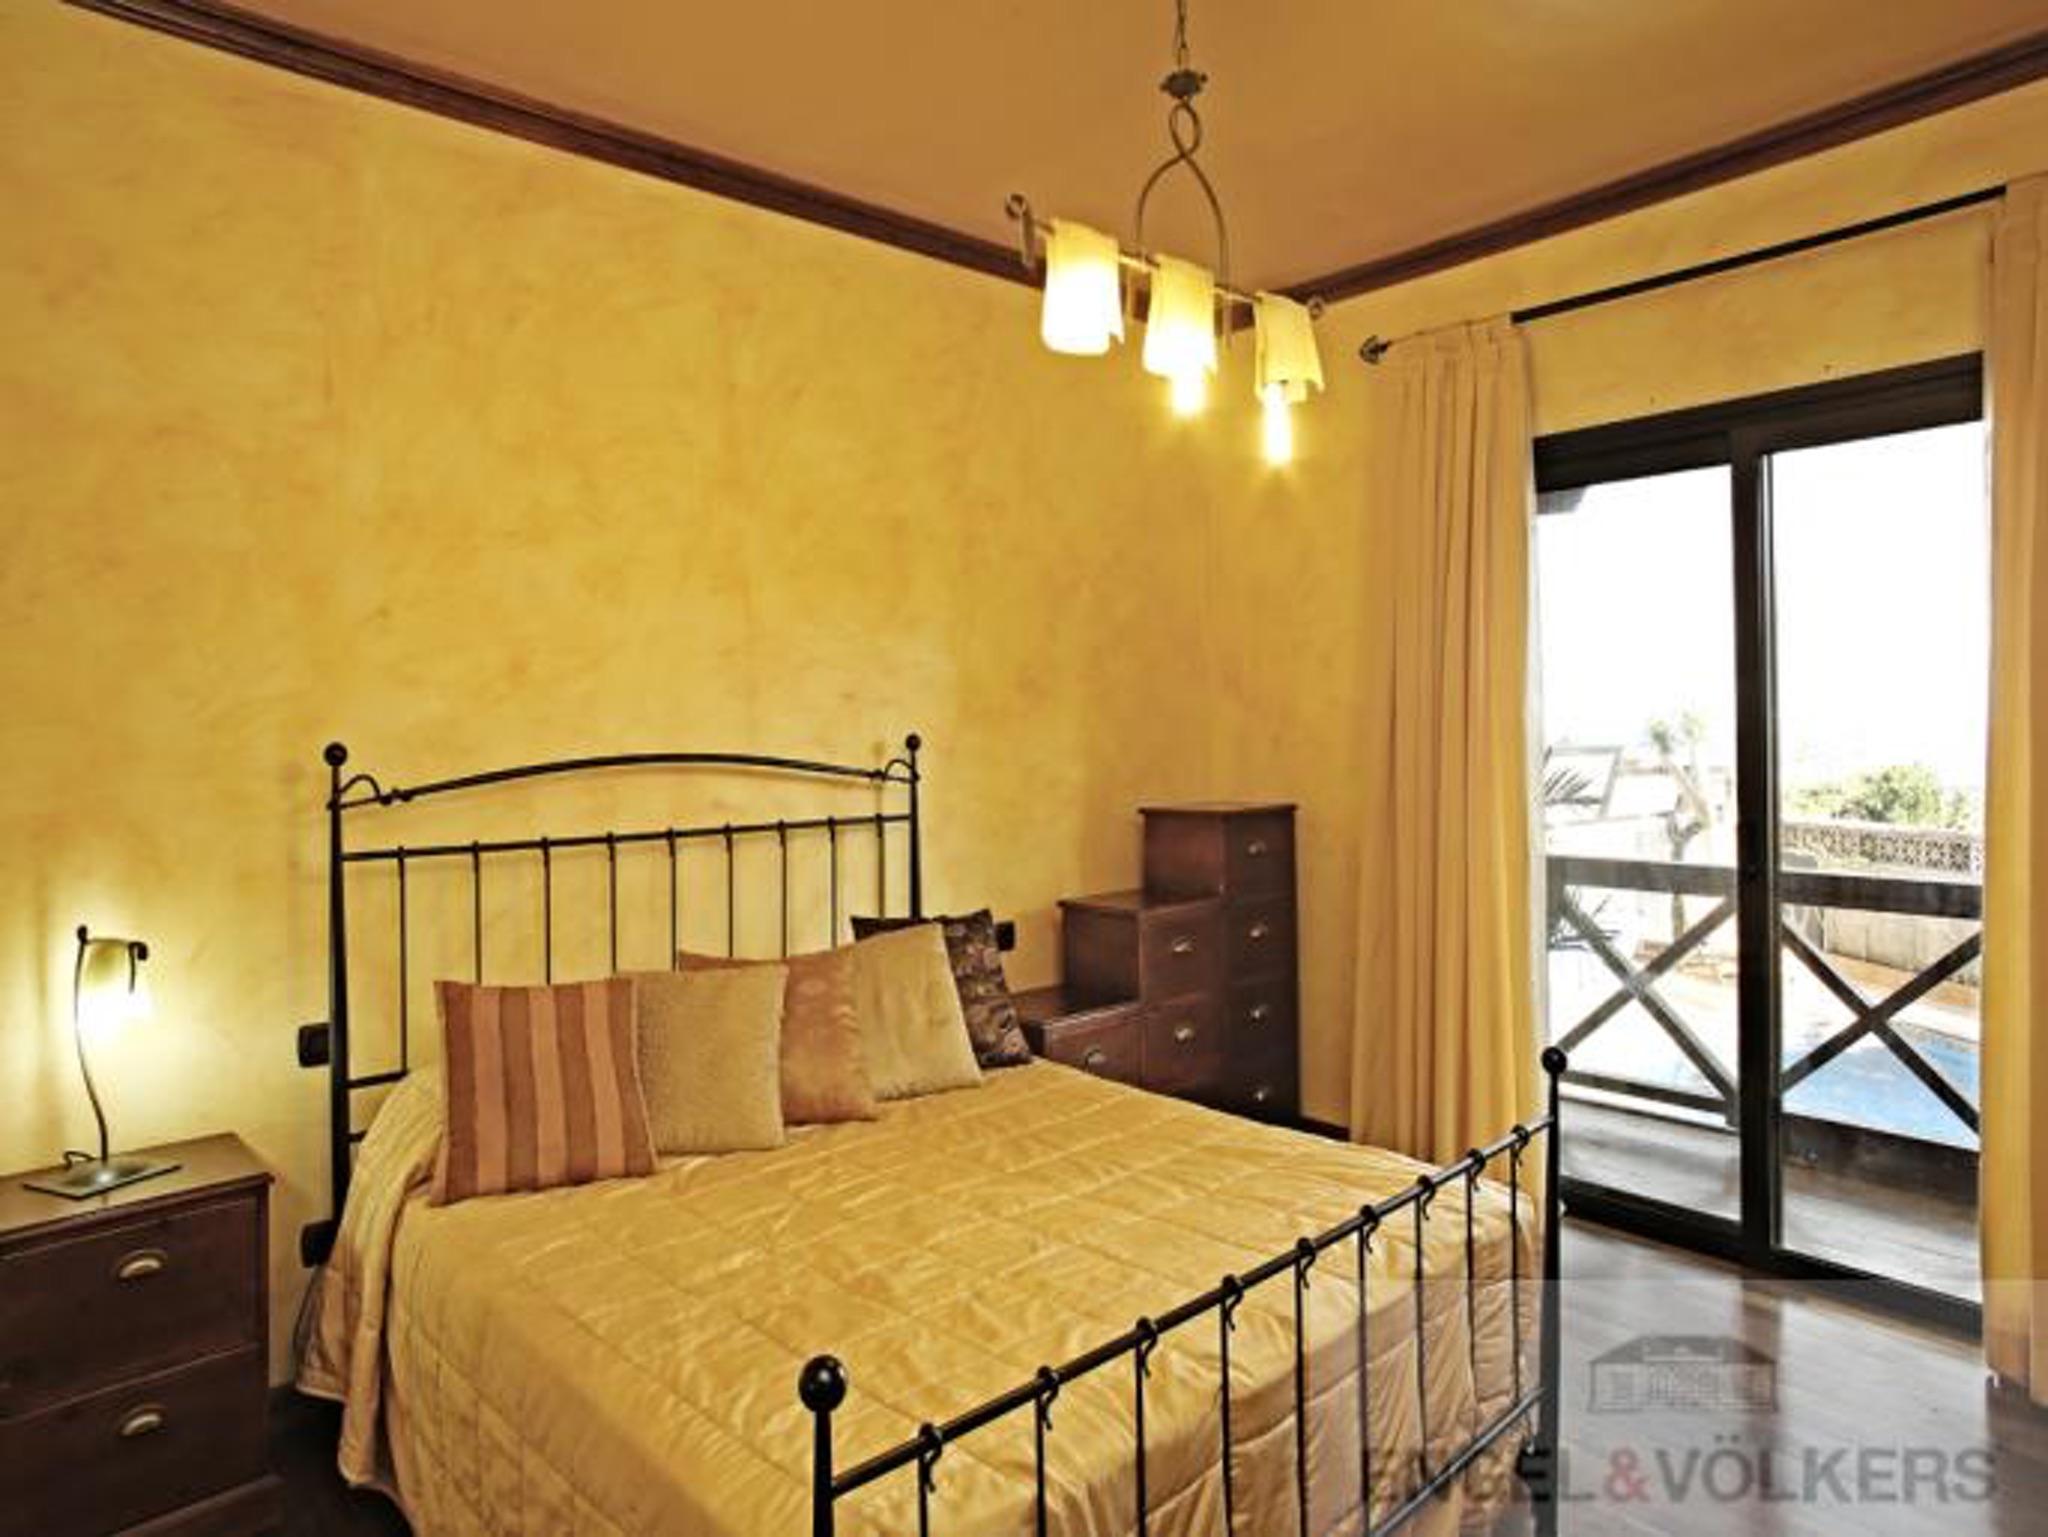 Holiday house Haus mit 5 Zimmern in Granadilla mit toller Aussicht auf die Berge, privatem Pool, eingezä (2202646), San Isidro, Tenerife, Canary Islands, Spain, picture 12